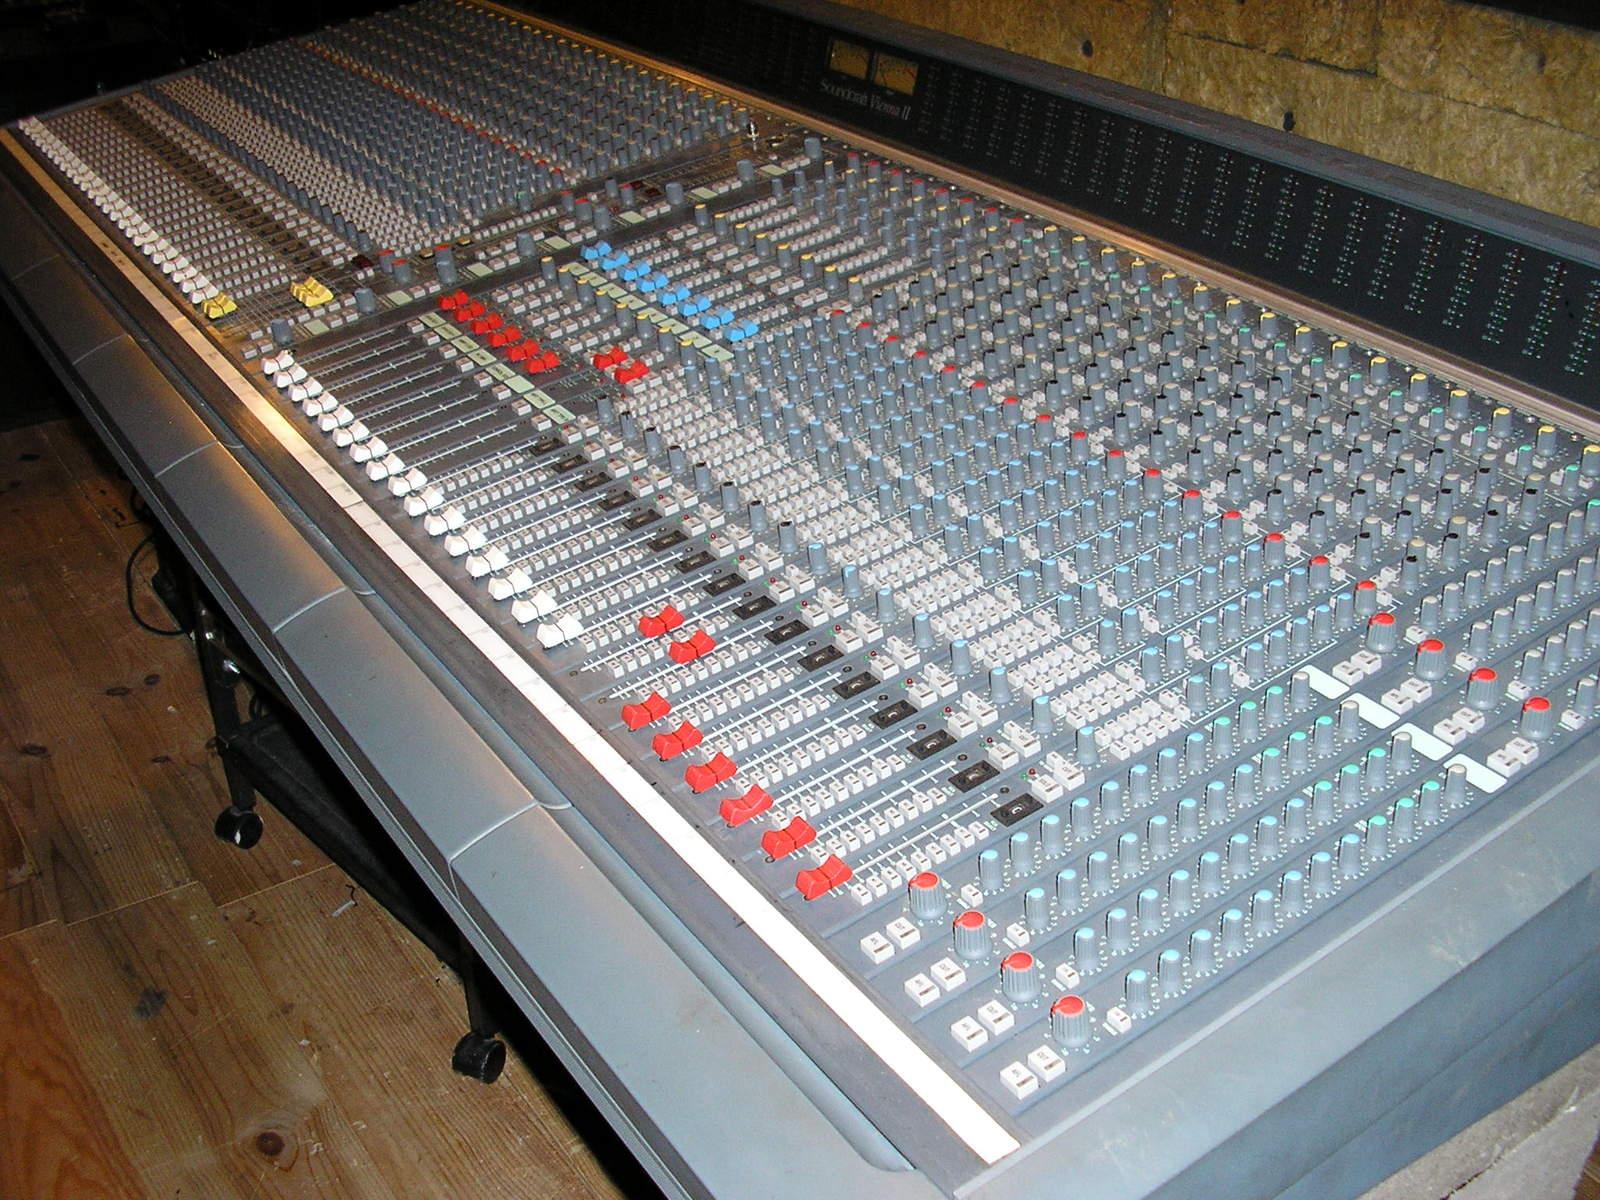 Photo soundcraft vienna ii soundcraft vienna 2 40 channel 169520 audiofanzine - Console analogique occasion ...